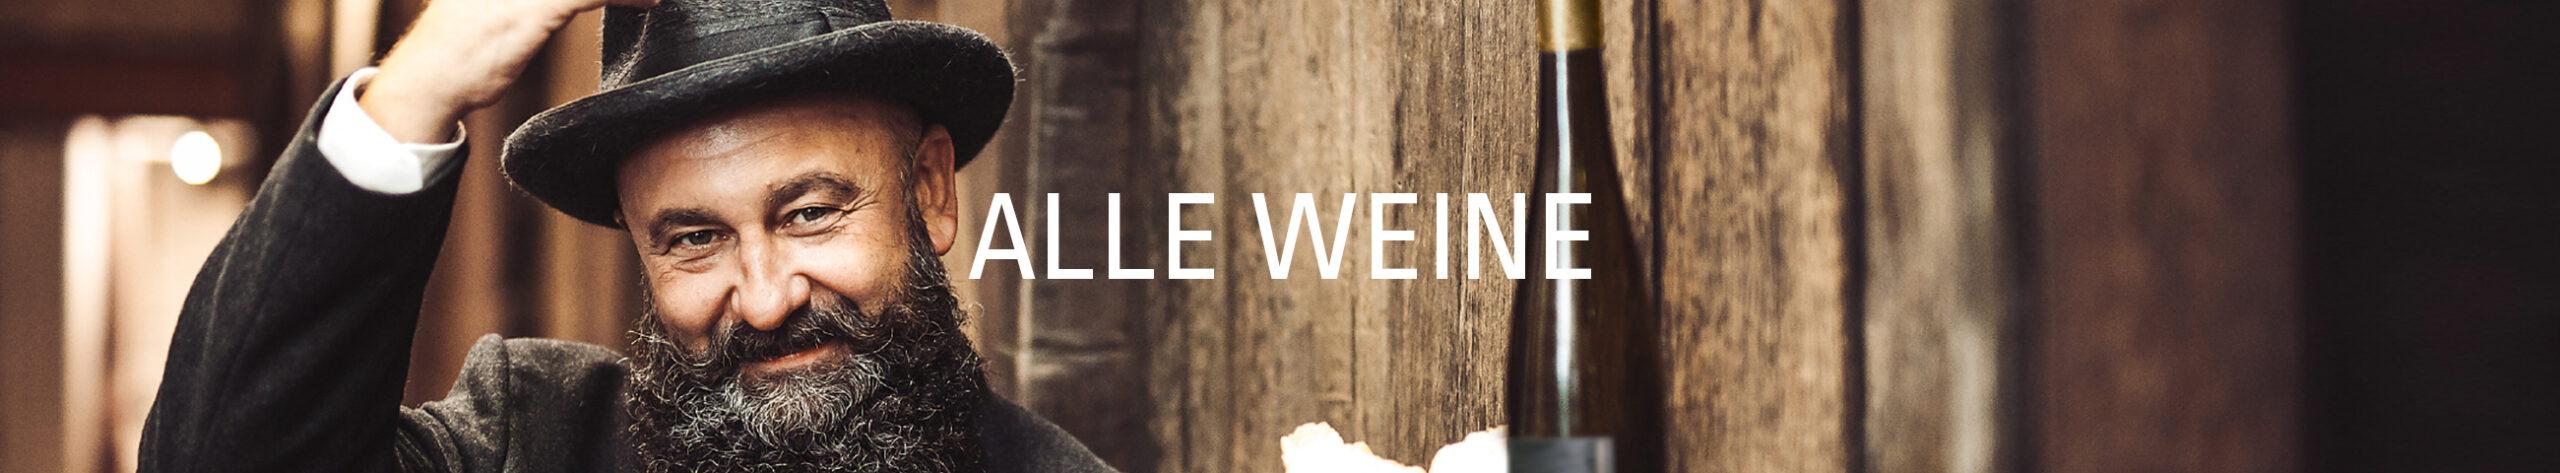 ALLE WEINE Weingut Hammel